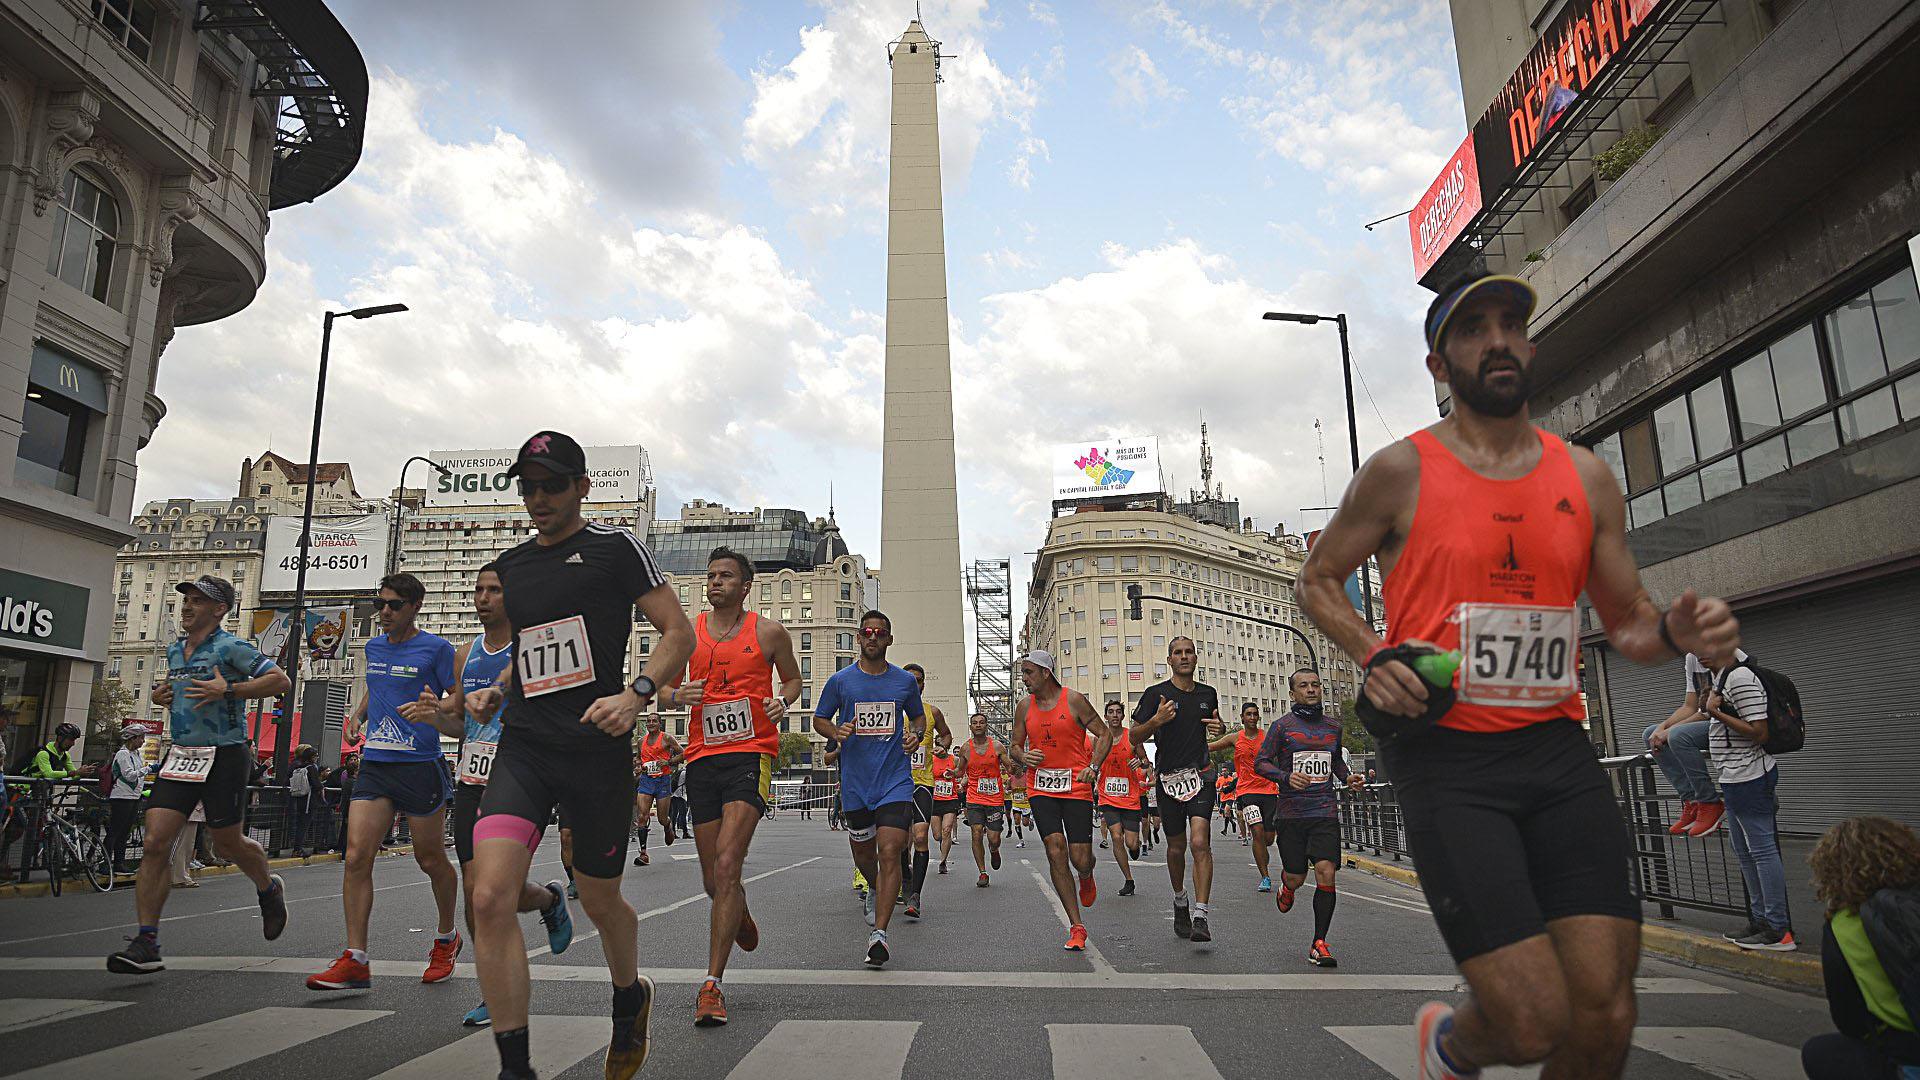 El recorrido del circuito llevó a los runners transitar por lugares emblemáticos de la Ciudad, como el Obelisco, la Plaza de Mayo o la zona de La Boca. Esta vez, no pudieron ingresar a la zona de Puerto Madero, ya que está cerrada por obras